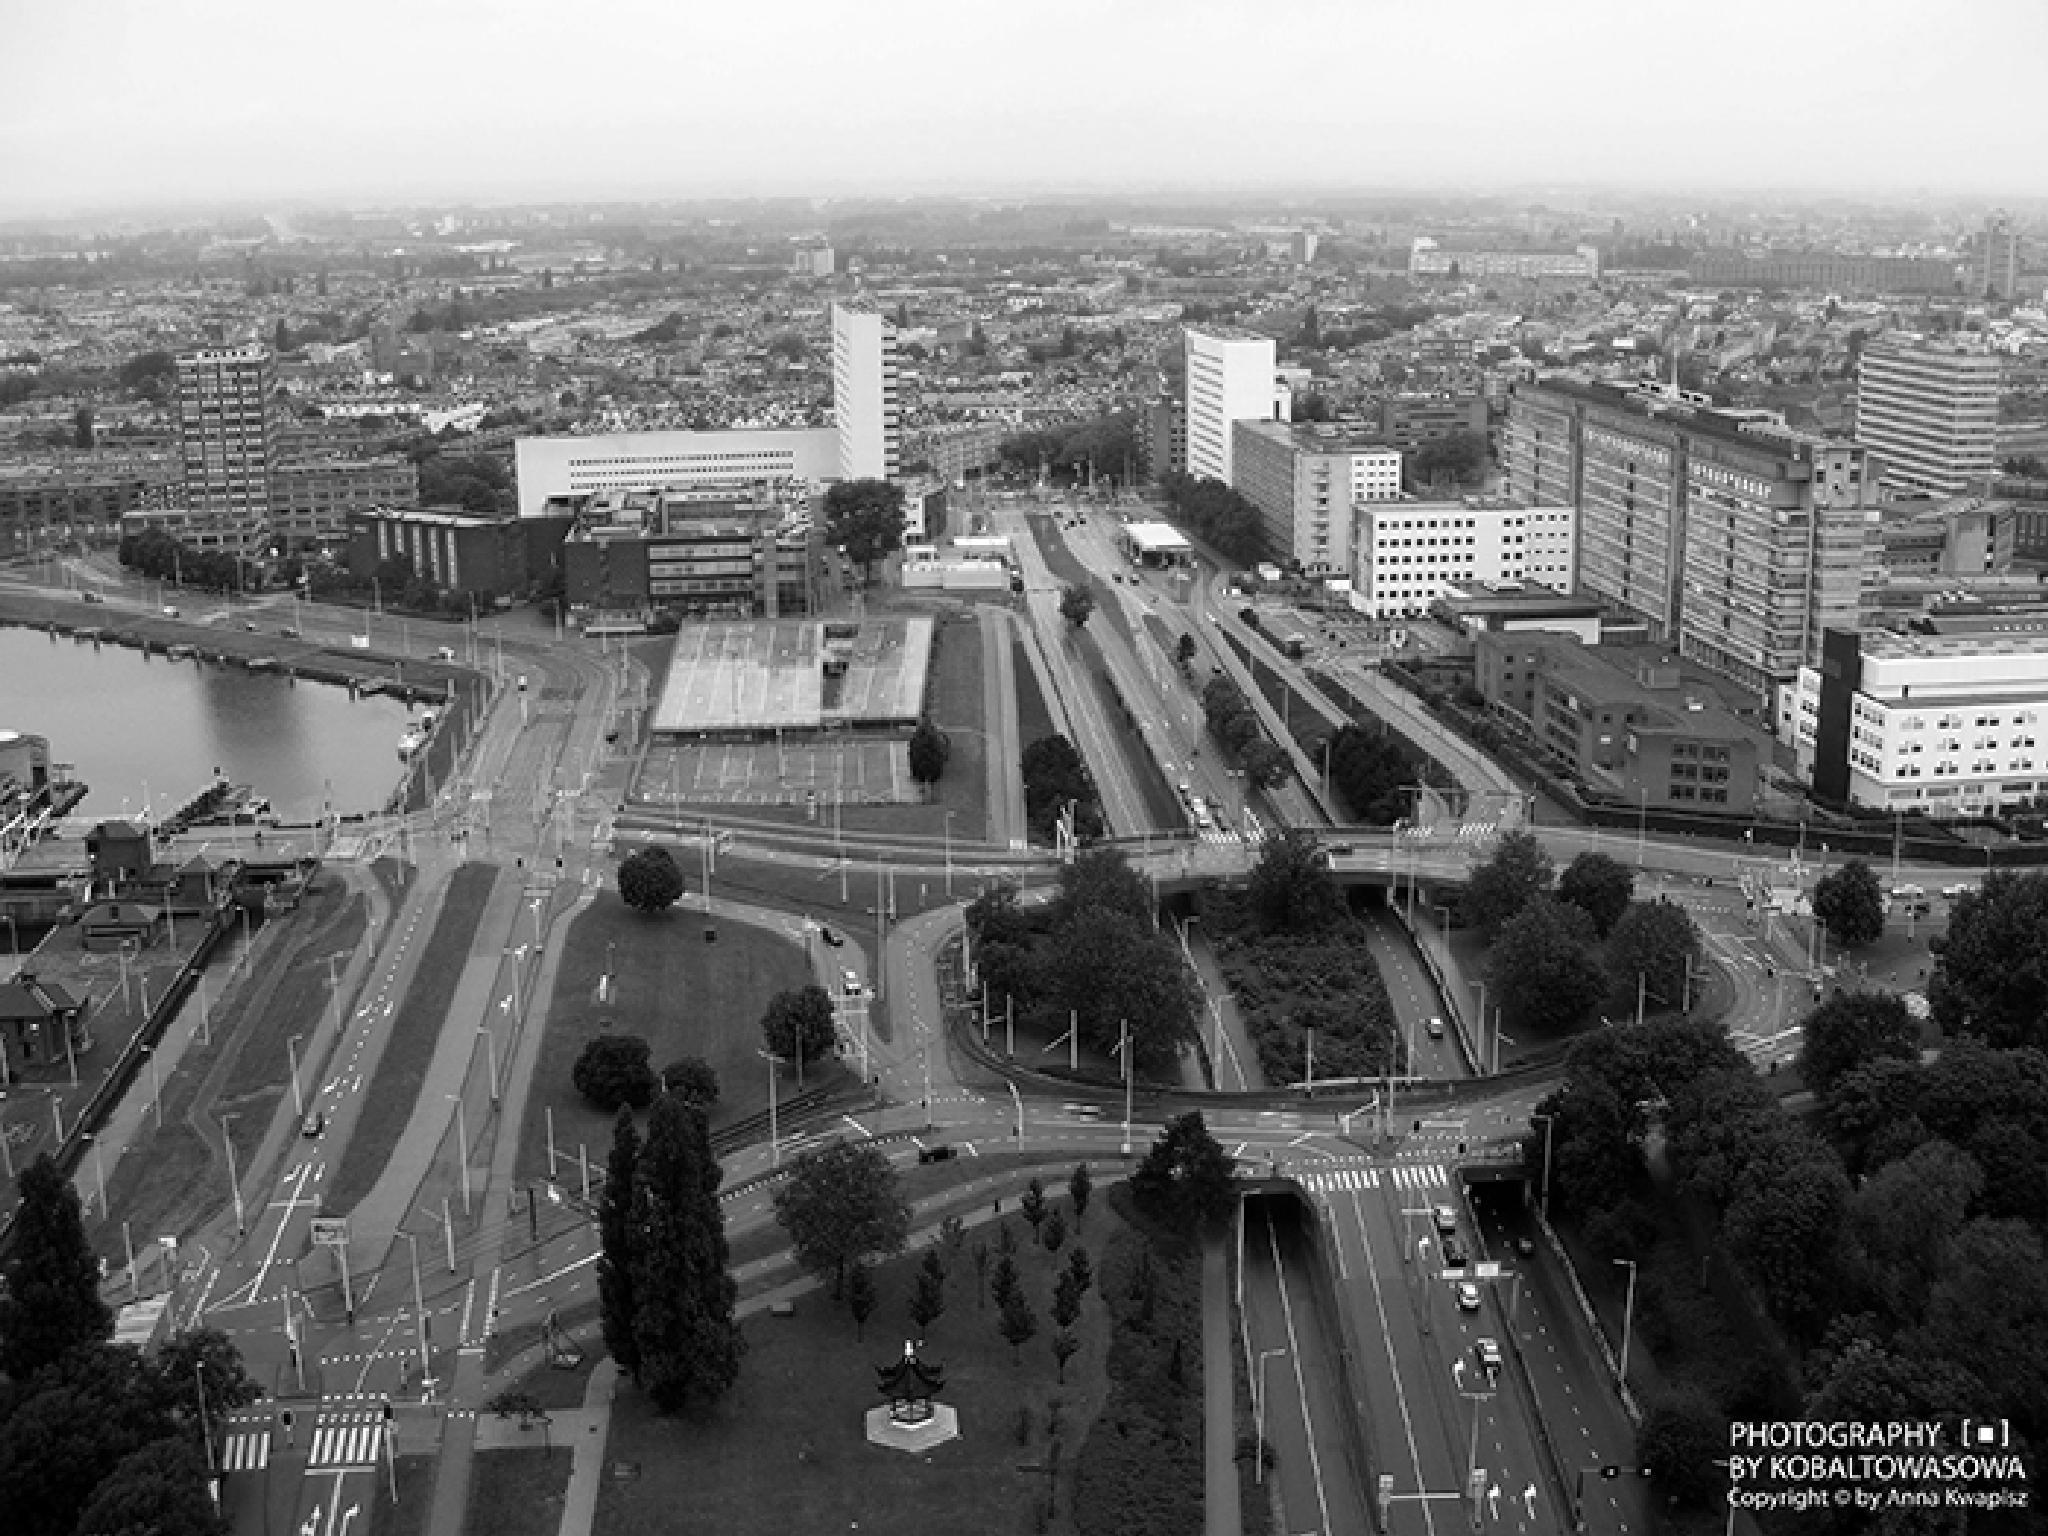 Panorama by kobaltowasowa